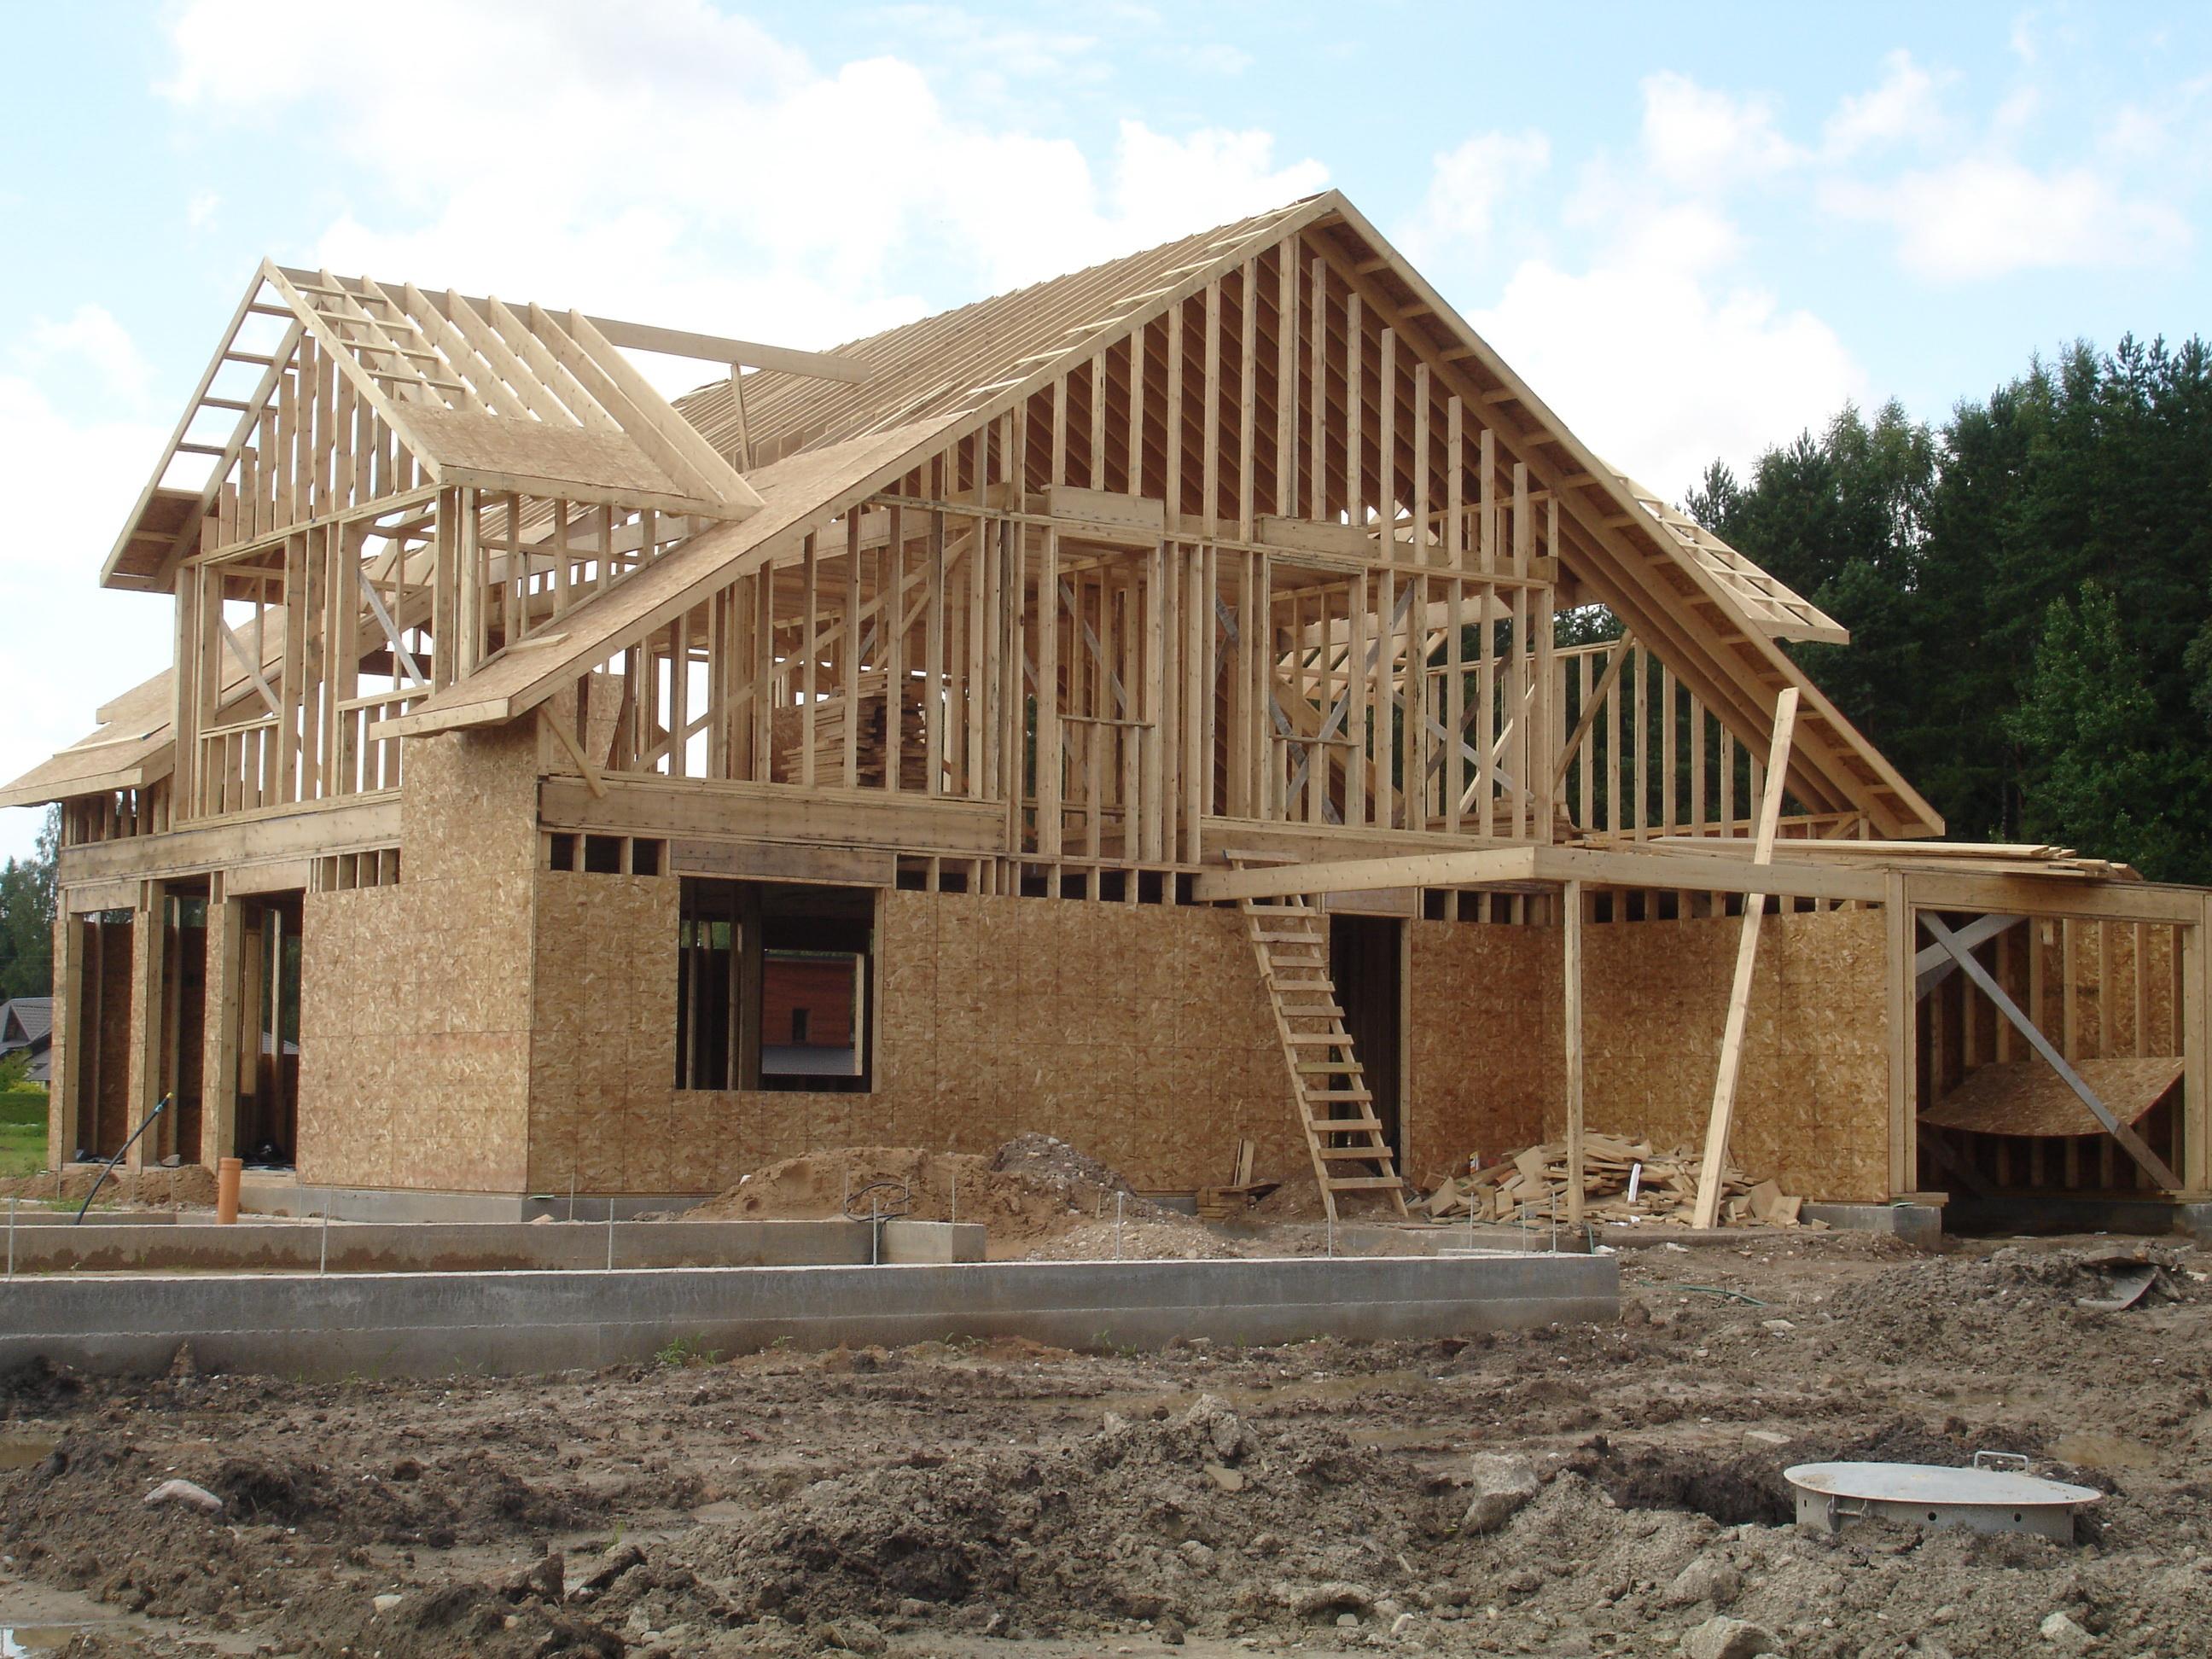 Цены на лстк дома под ключ- стоимость проектирования, строительства домов из лстк в москве